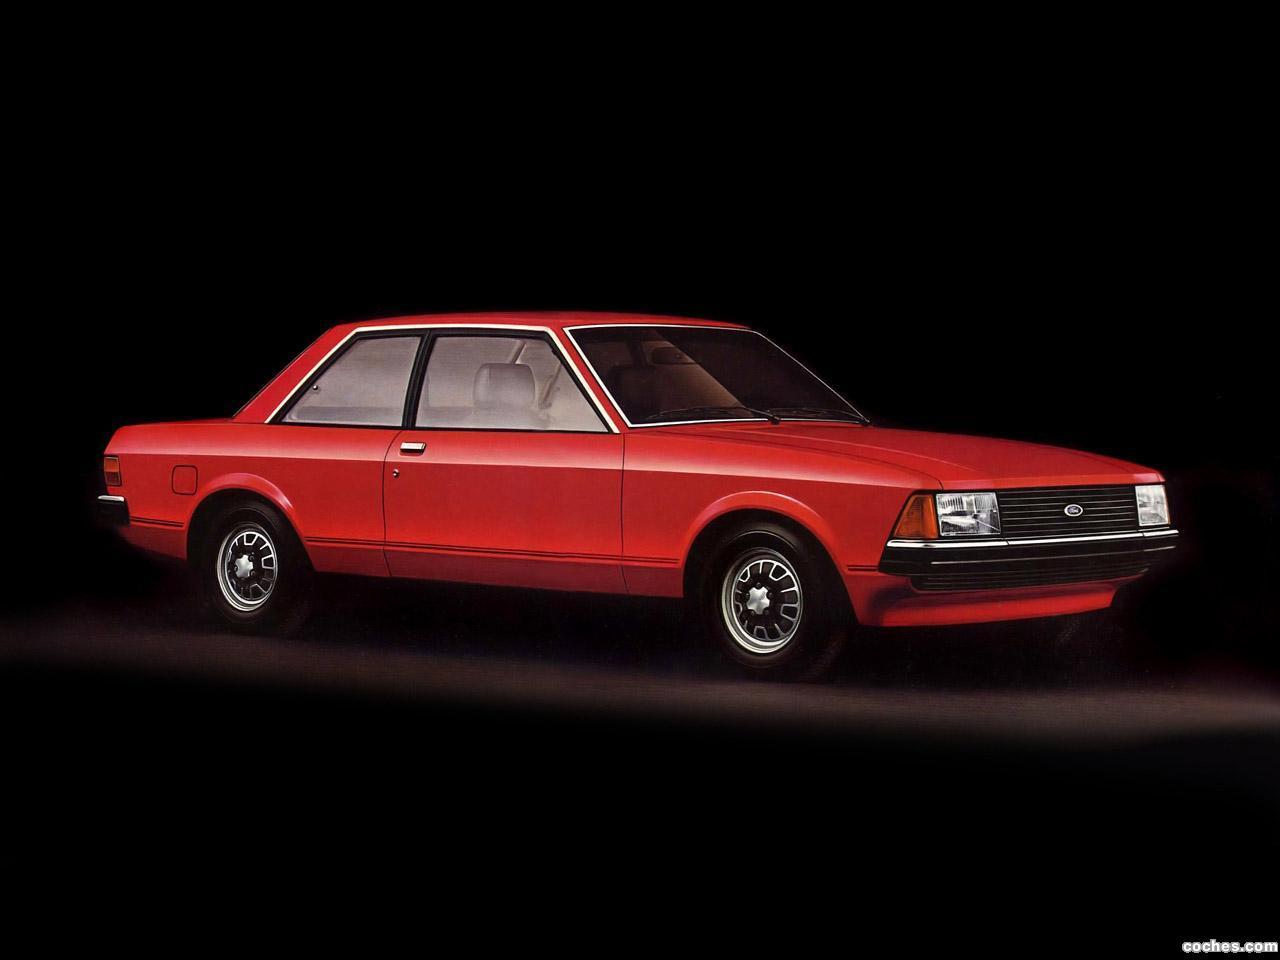 Foto 0 de Ford Coupe 1977-1985